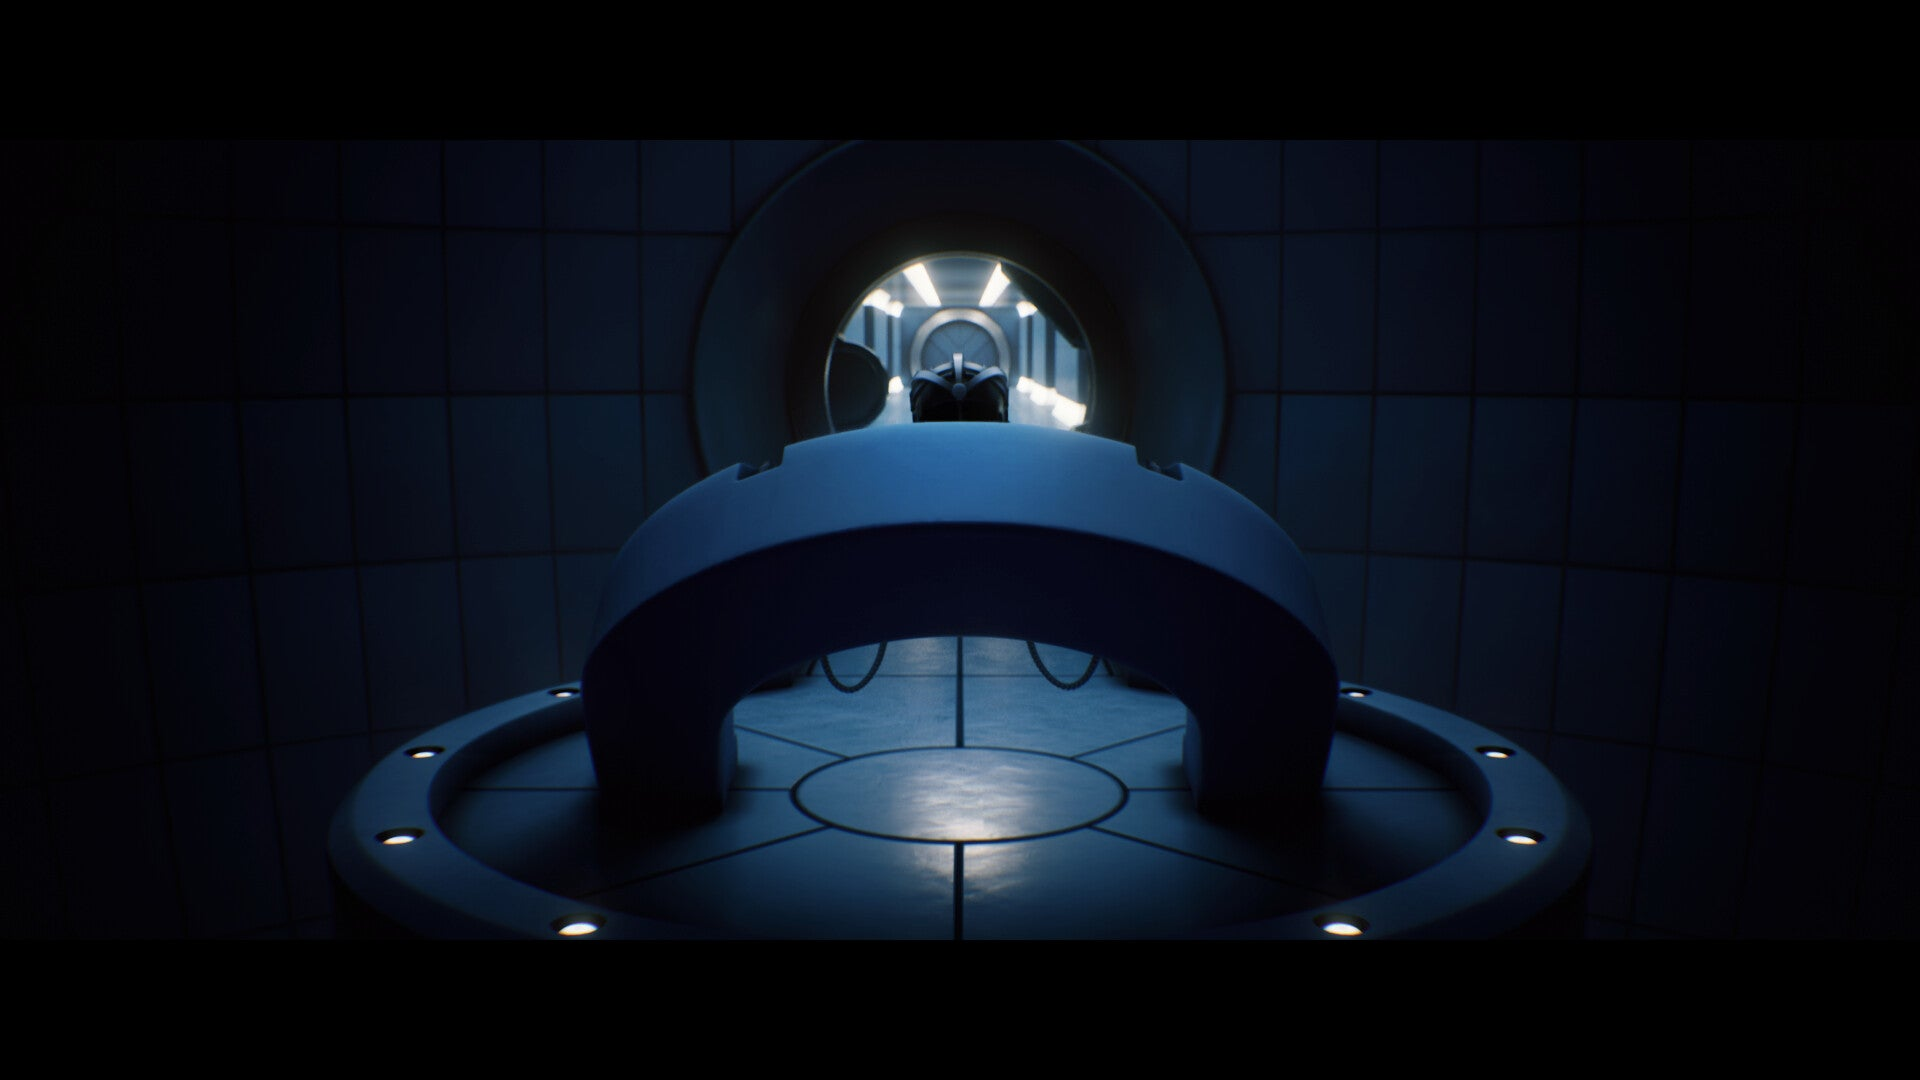 Unreal Engine 4 Does Excellent X-Men Fanart